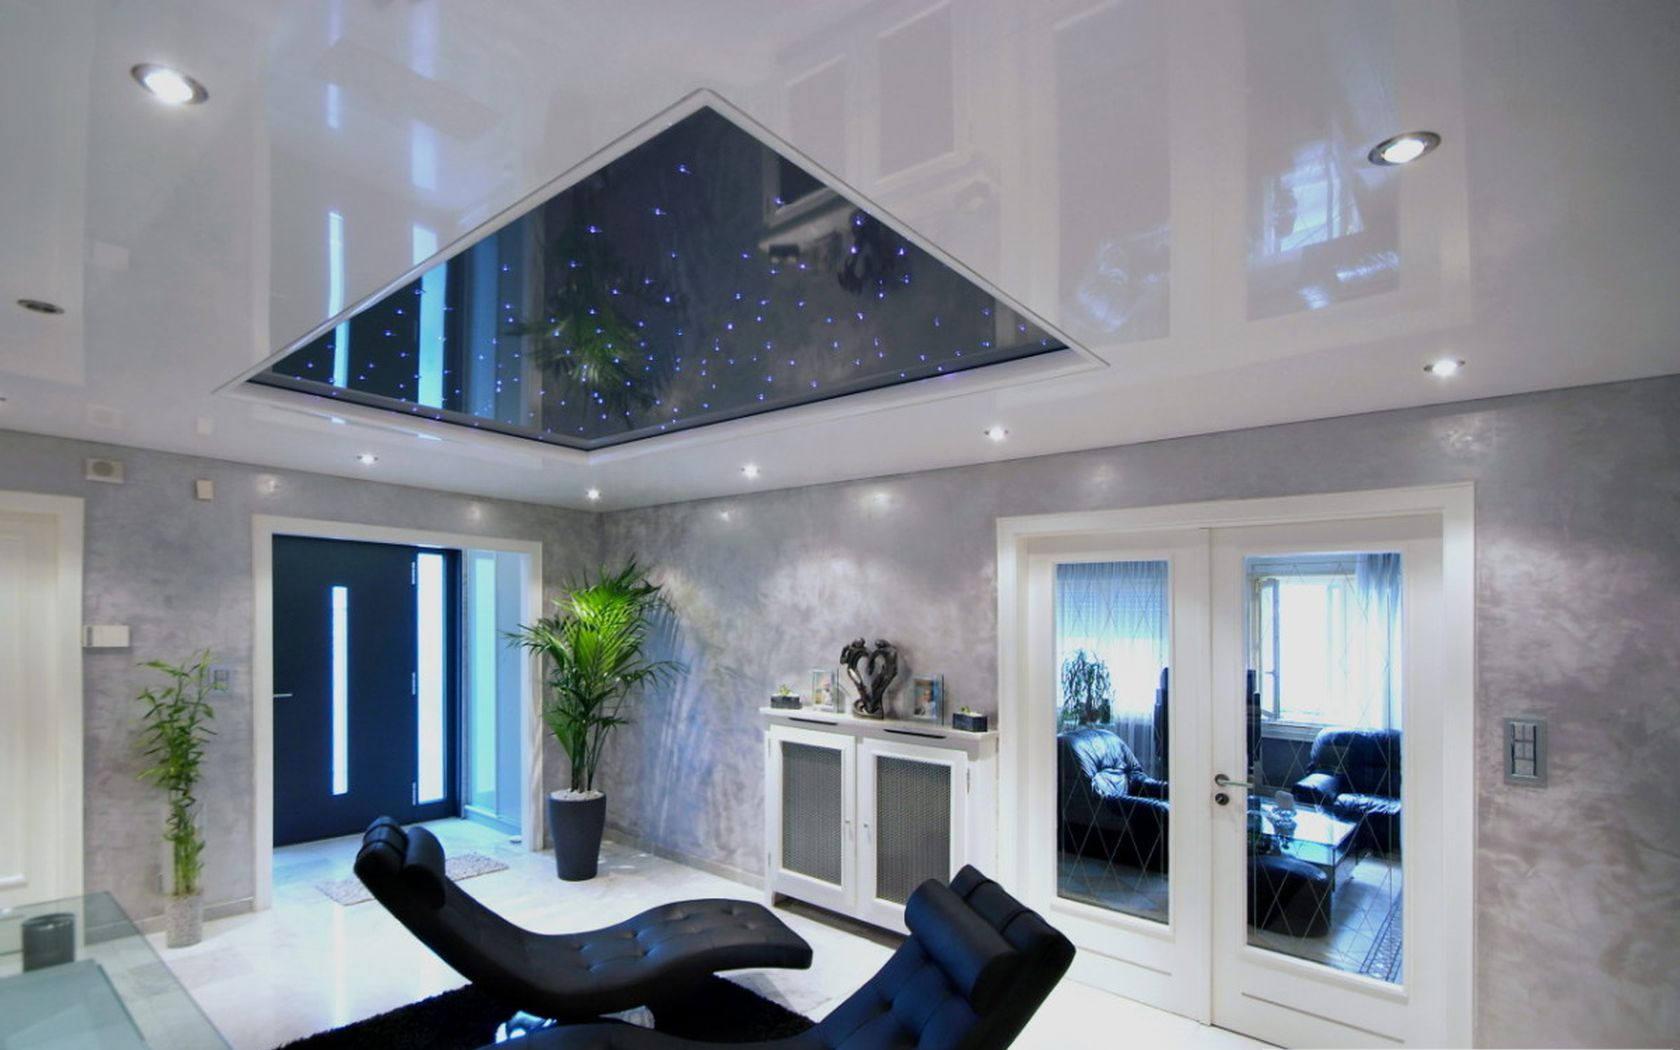 Фото с интерьер с натяжными потолками